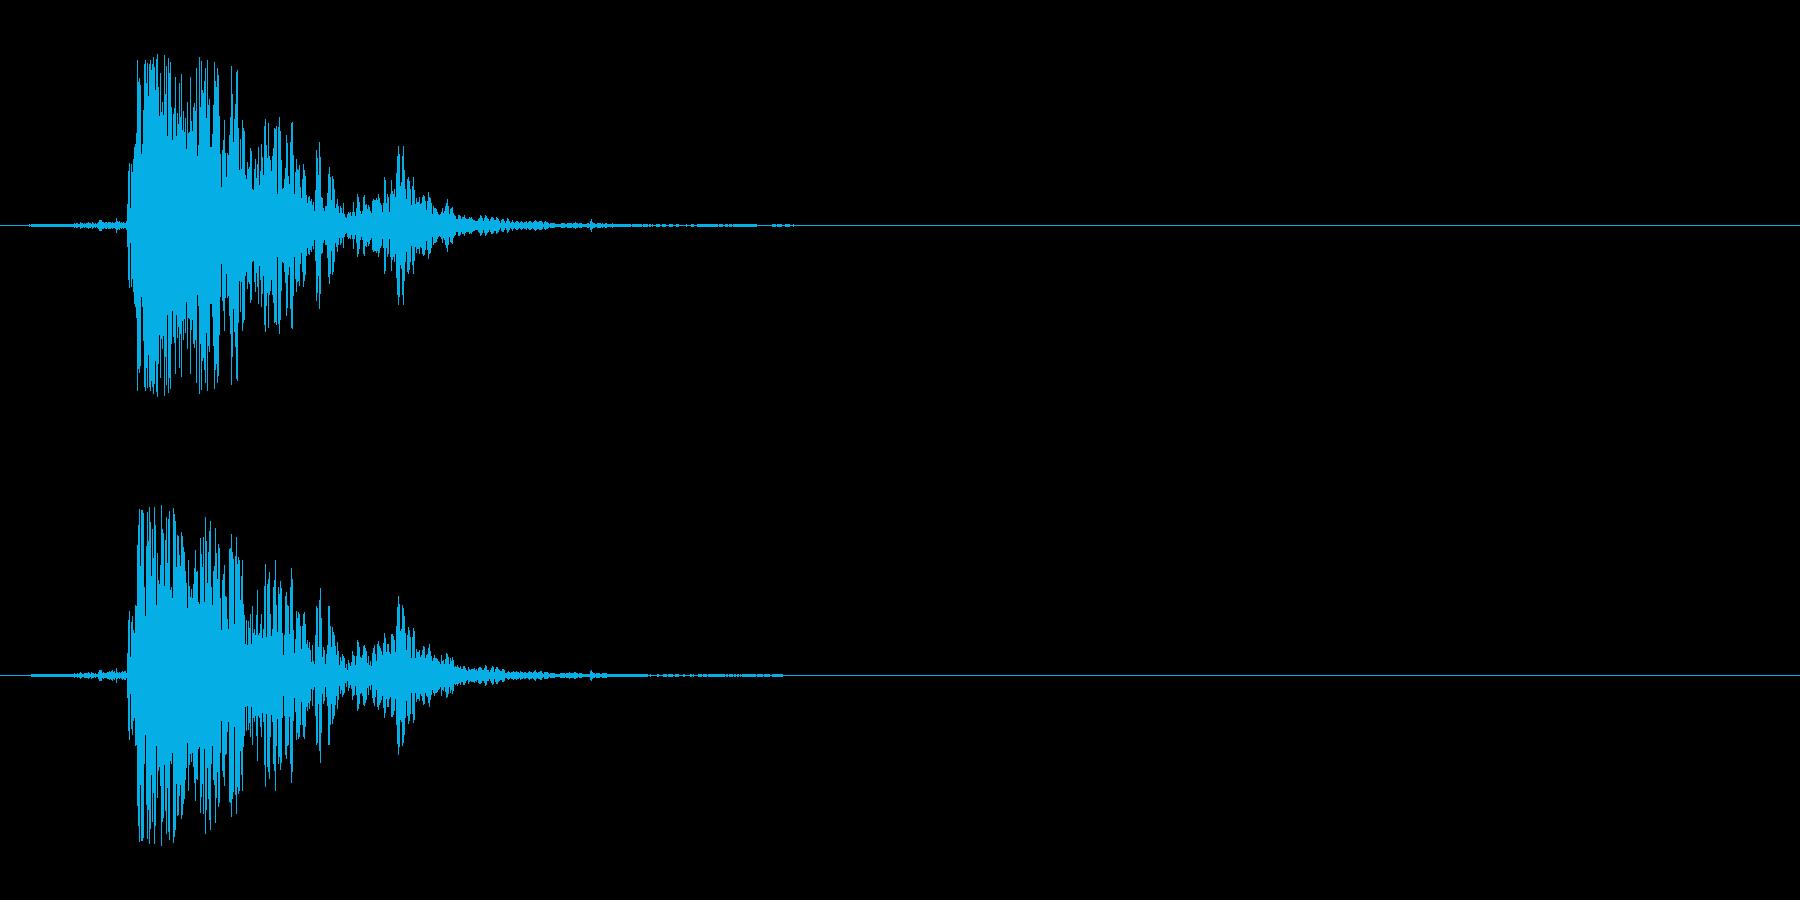 ペーパーヒットピクチャーブレイクの再生済みの波形